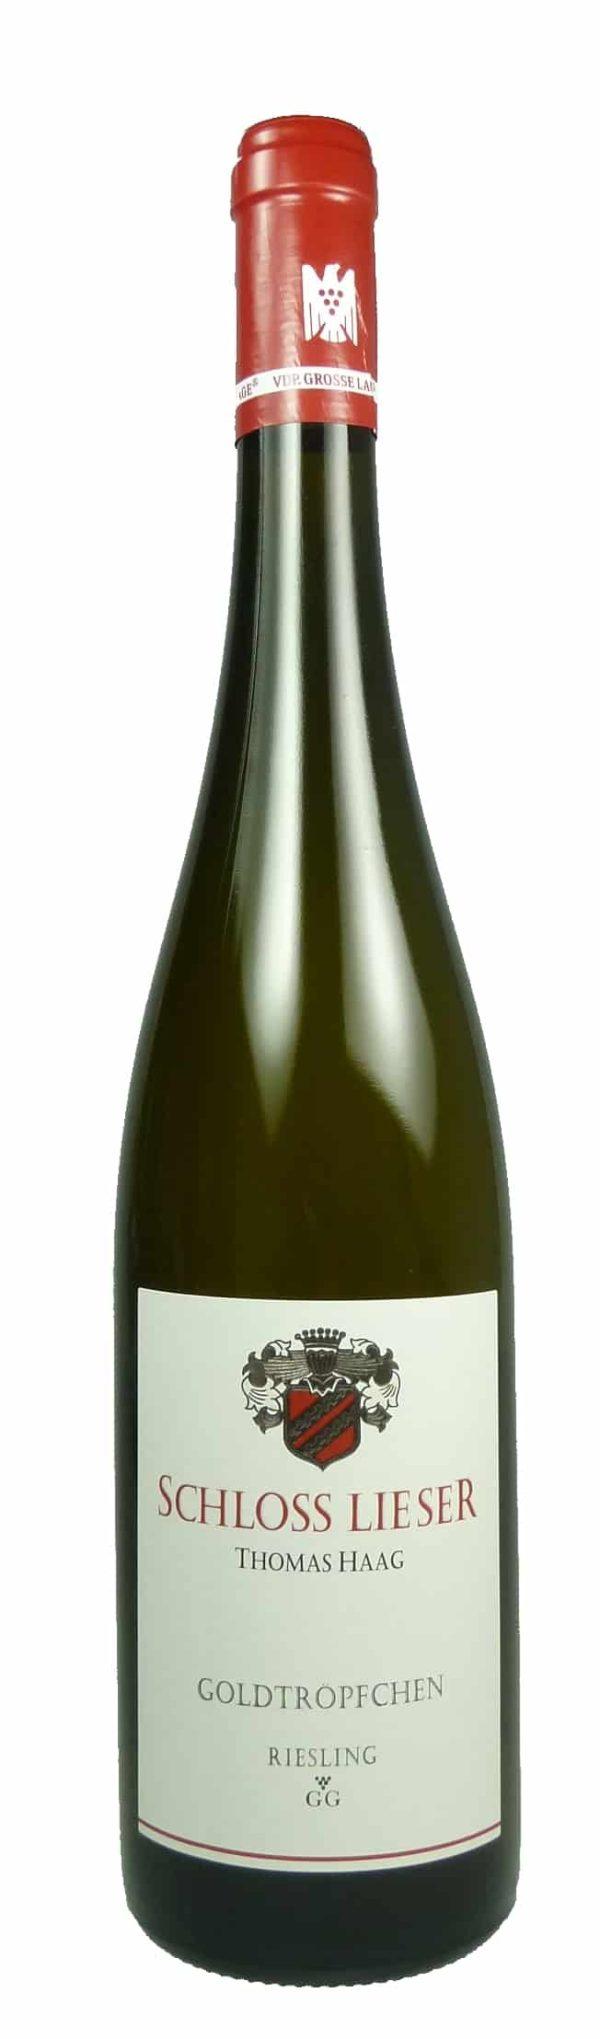 Goldtröpfchen Riesling Großes Gewächs Qualitätswein trocken 2017